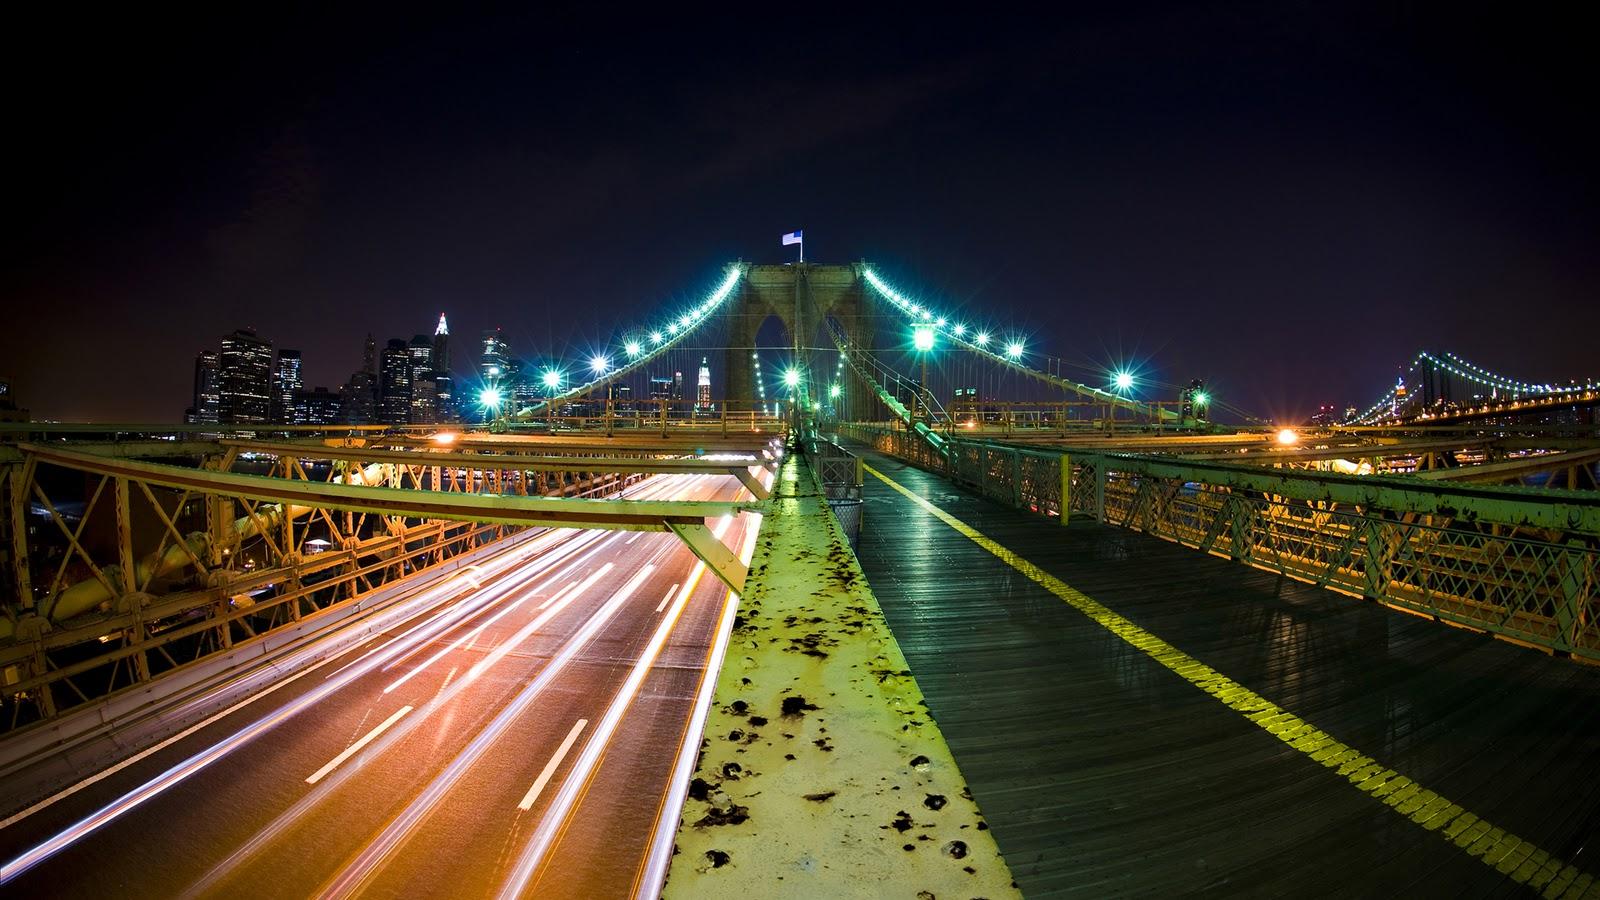 http://3.bp.blogspot.com/-FsUNhKIzJ9A/TybH4CbneEI/AAAAAAAAAkk/AHfY8gDLnuo/s1600/wallpaper_scenery+(17).jpg